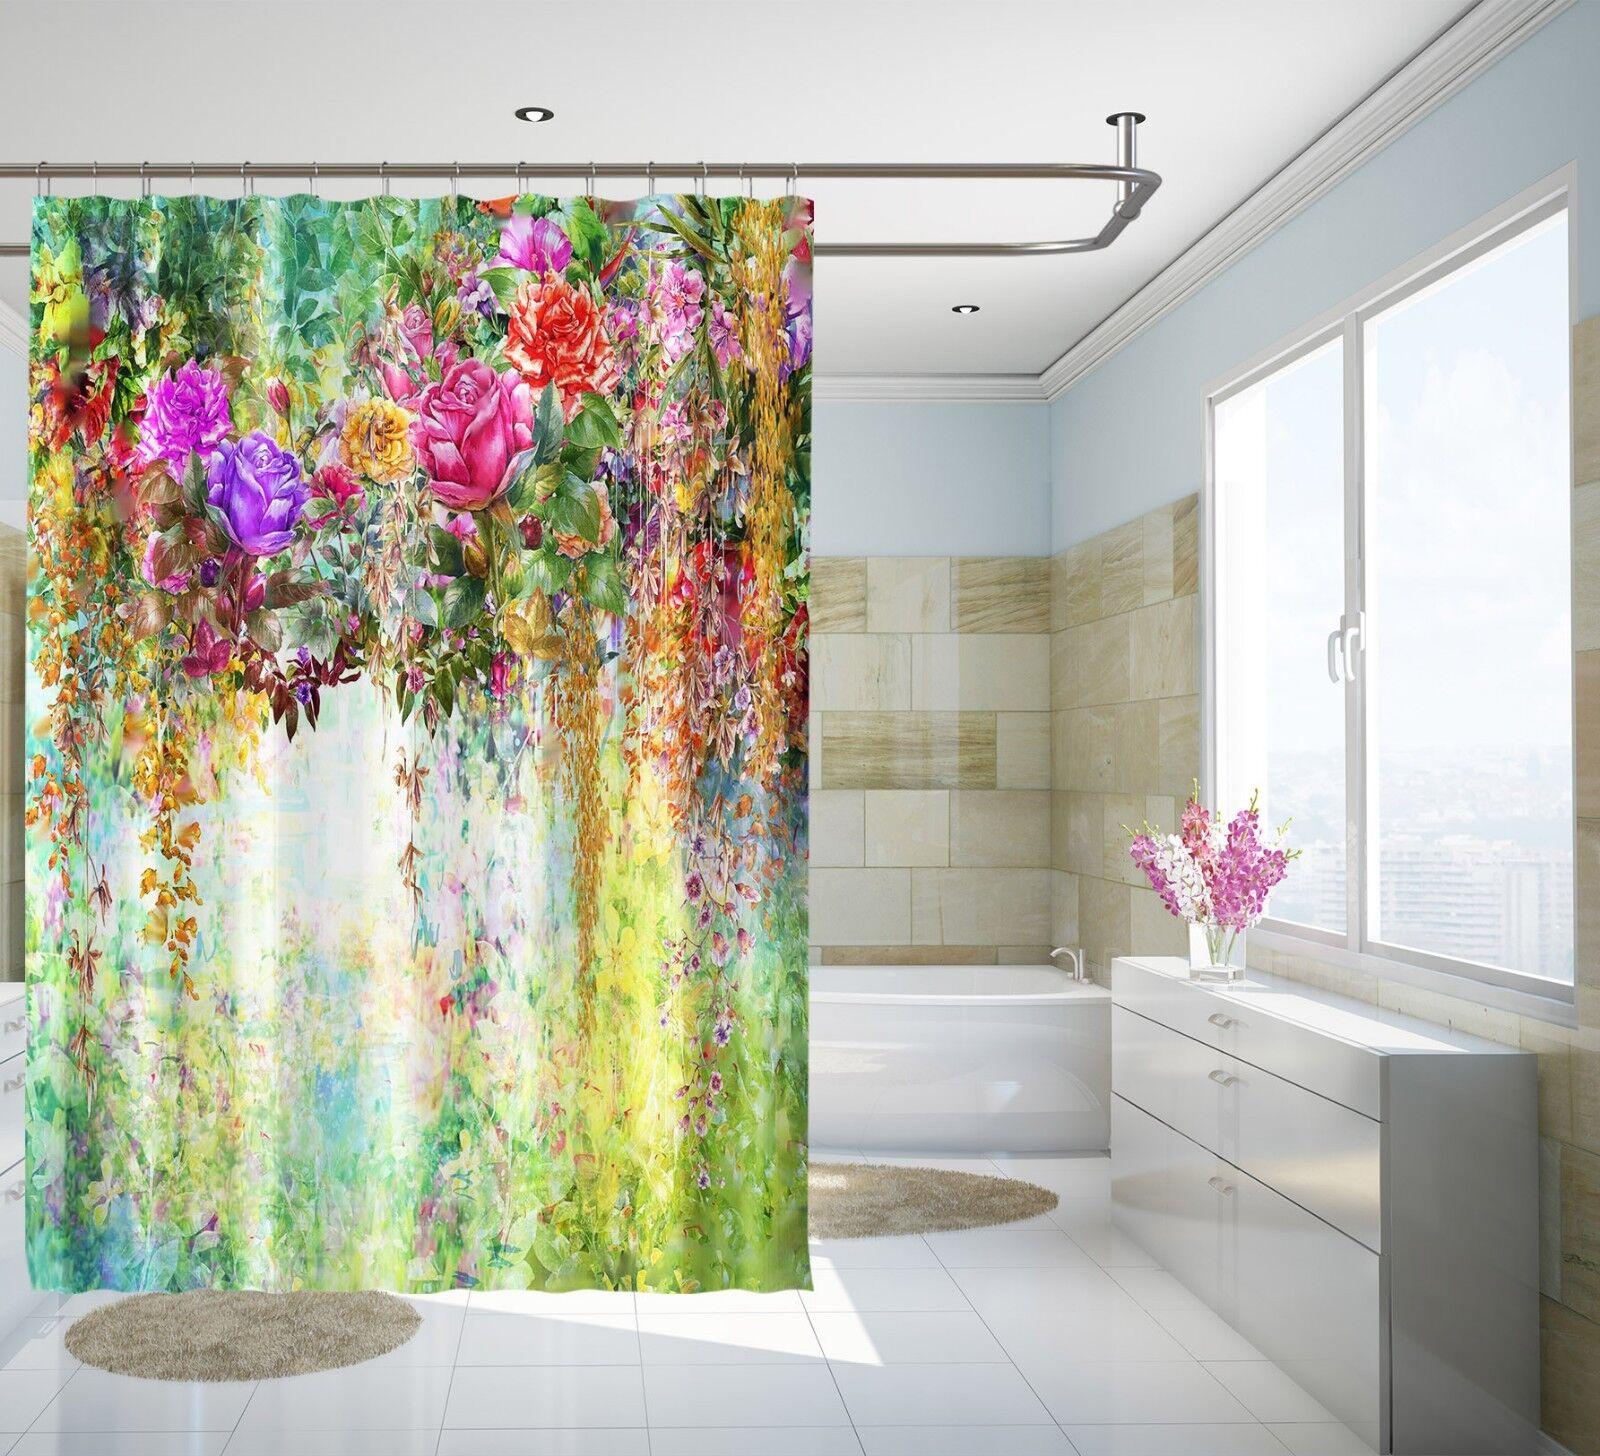 3D Flowers Vine 78 Shower Curtain Waterproof Waterproof Waterproof Fiber Bathroom Home Windows Toilet 984065